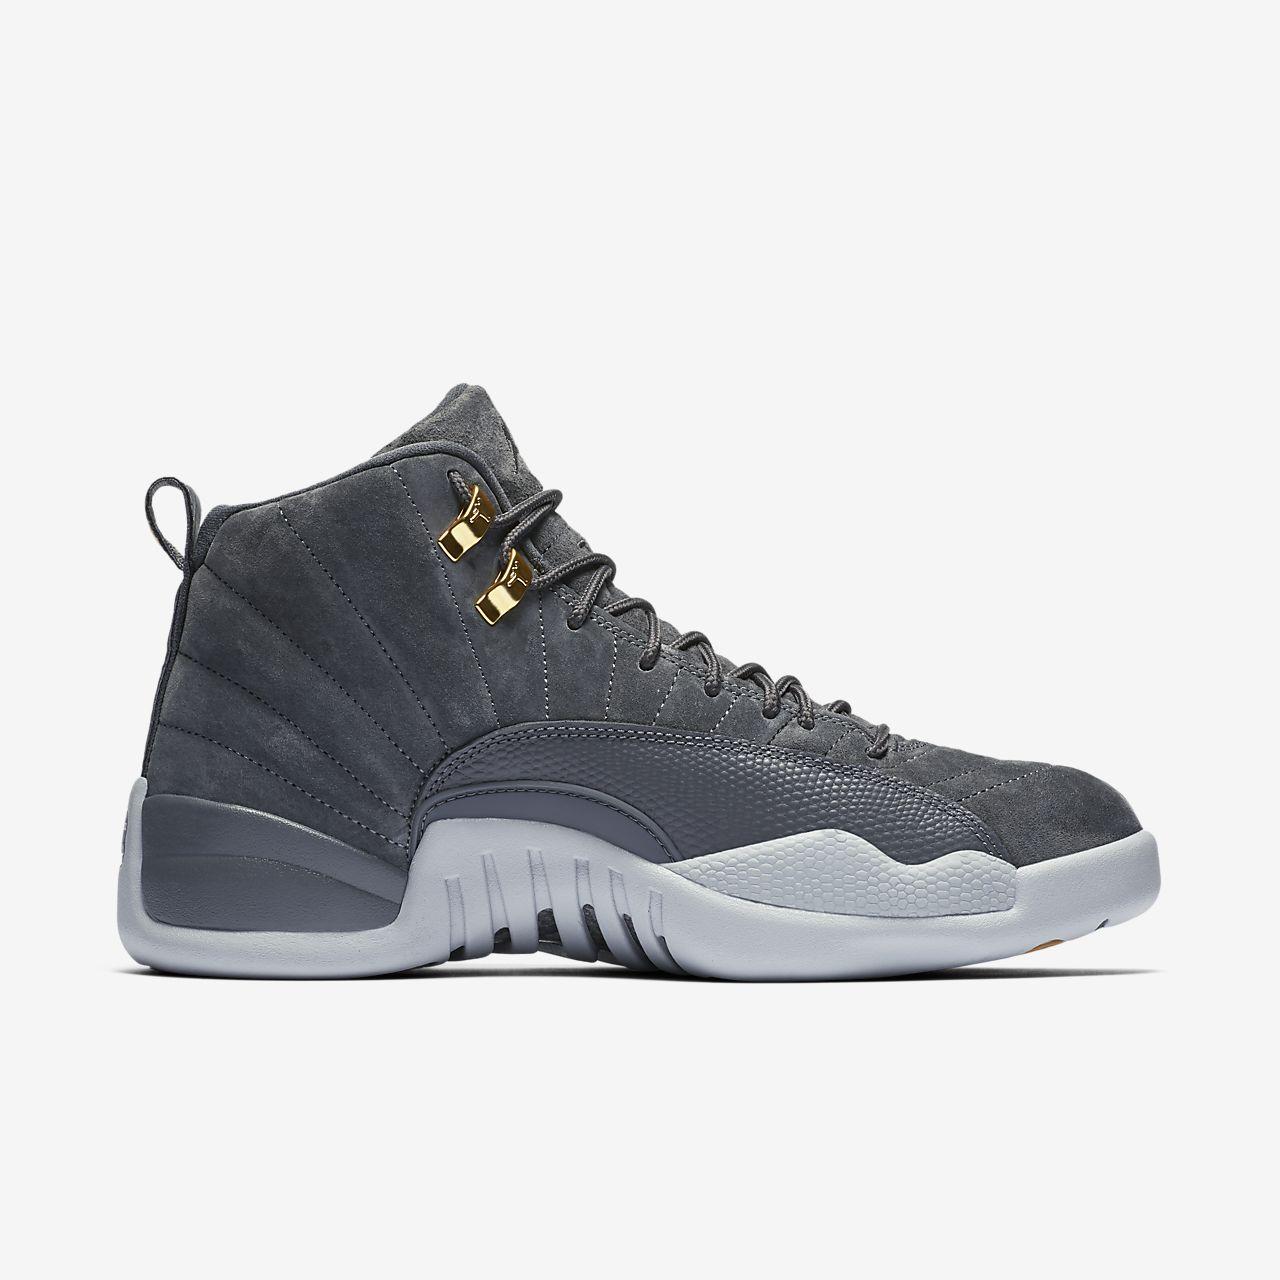 Air Jordan Roshe Shoes